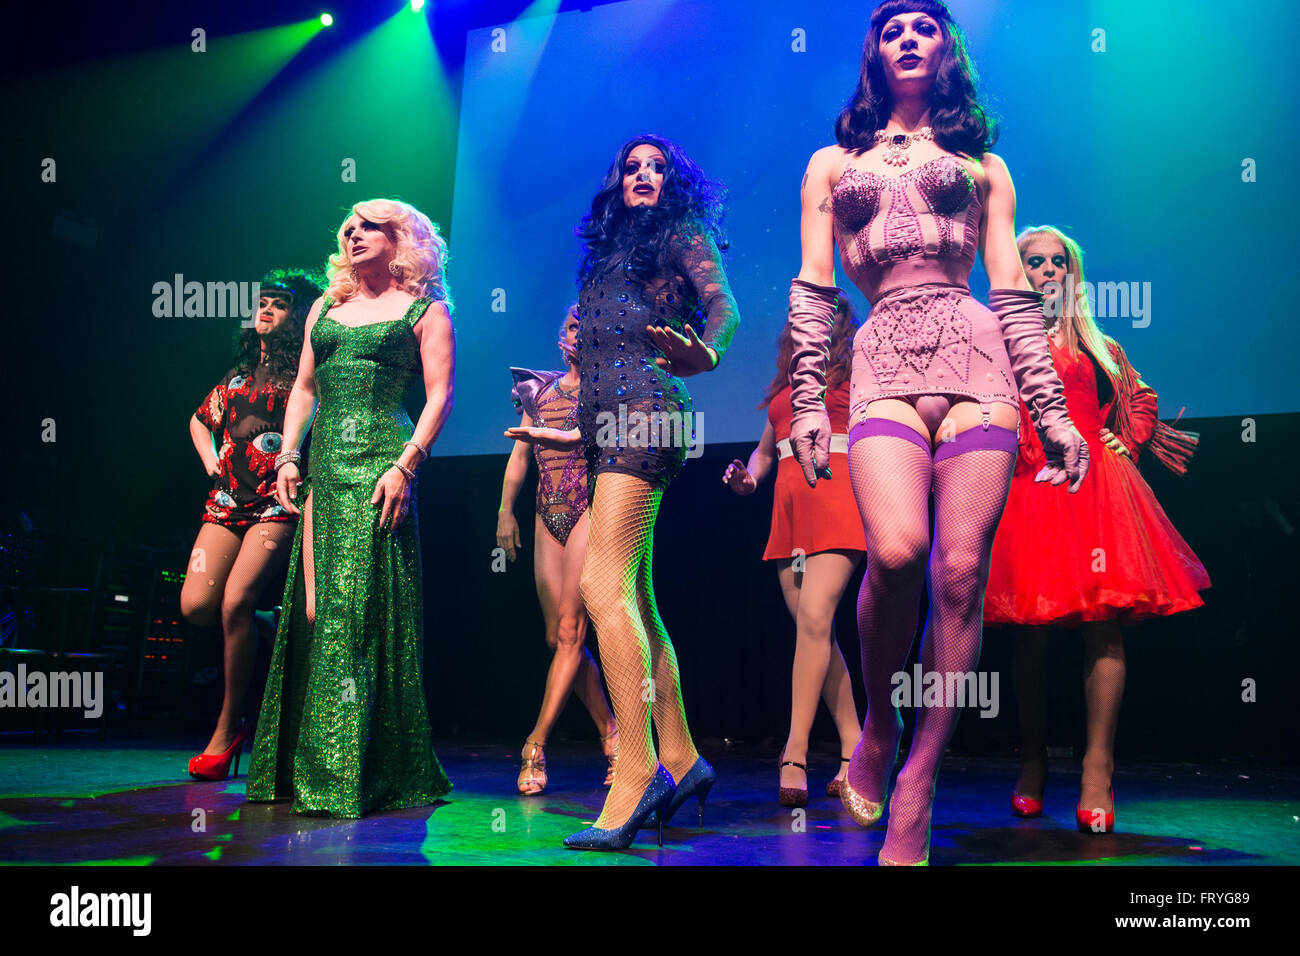 March 24, 2016 - Ru Paul's Drag Race: Battle Of The Seasons